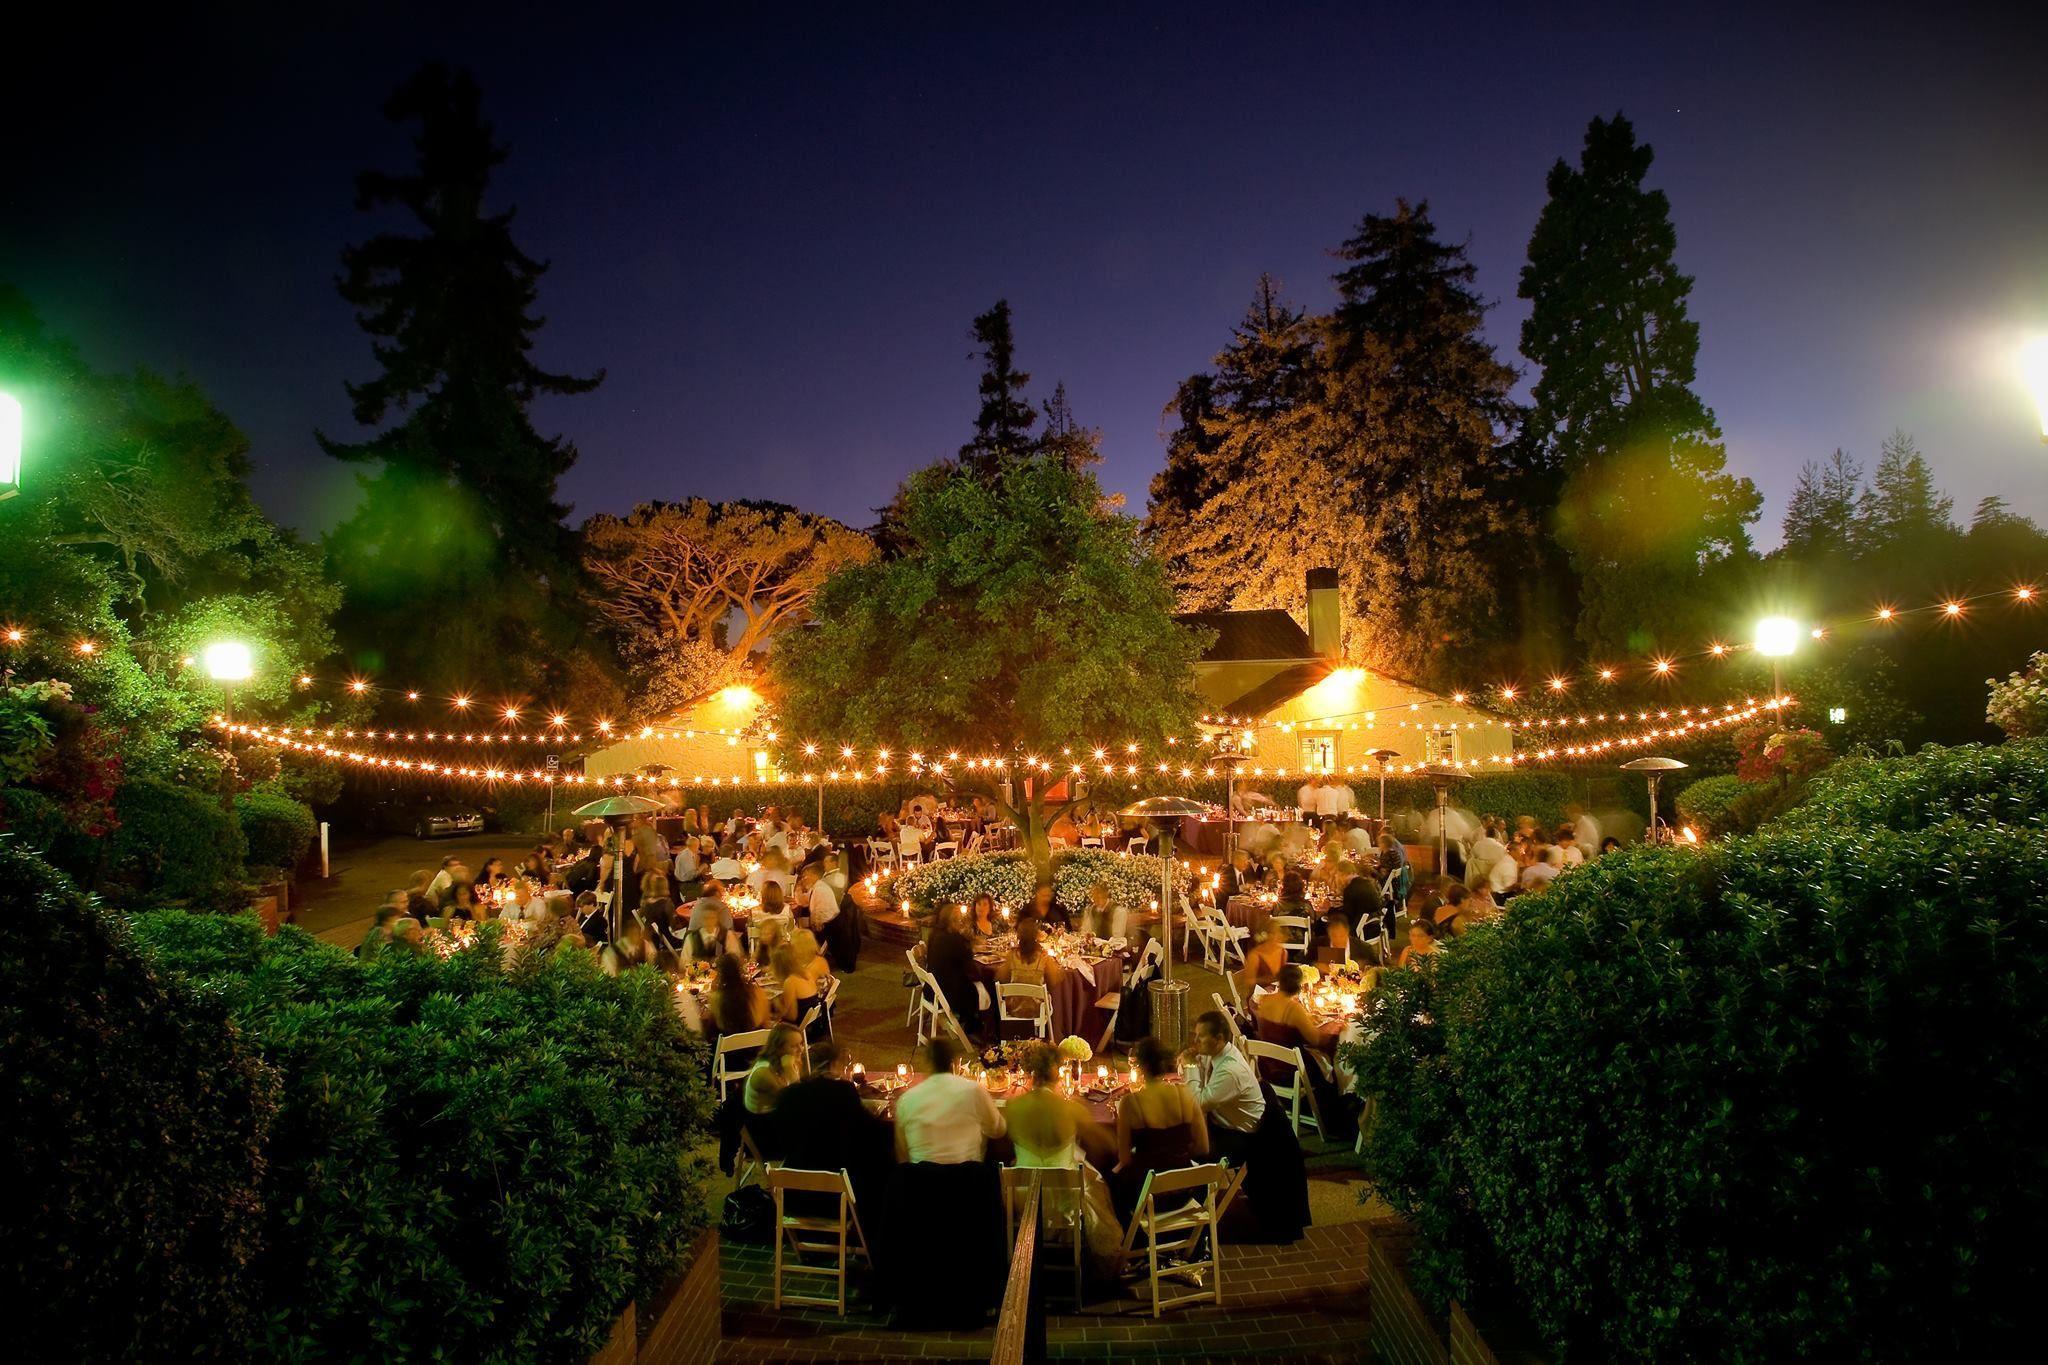 Moderne Rotholz Waldhochzeit Am Insel Bauernhof San Gregorio In 2020 Bay Area Wedding Bay Area Wedding Venues Outdoor Wedding Venues